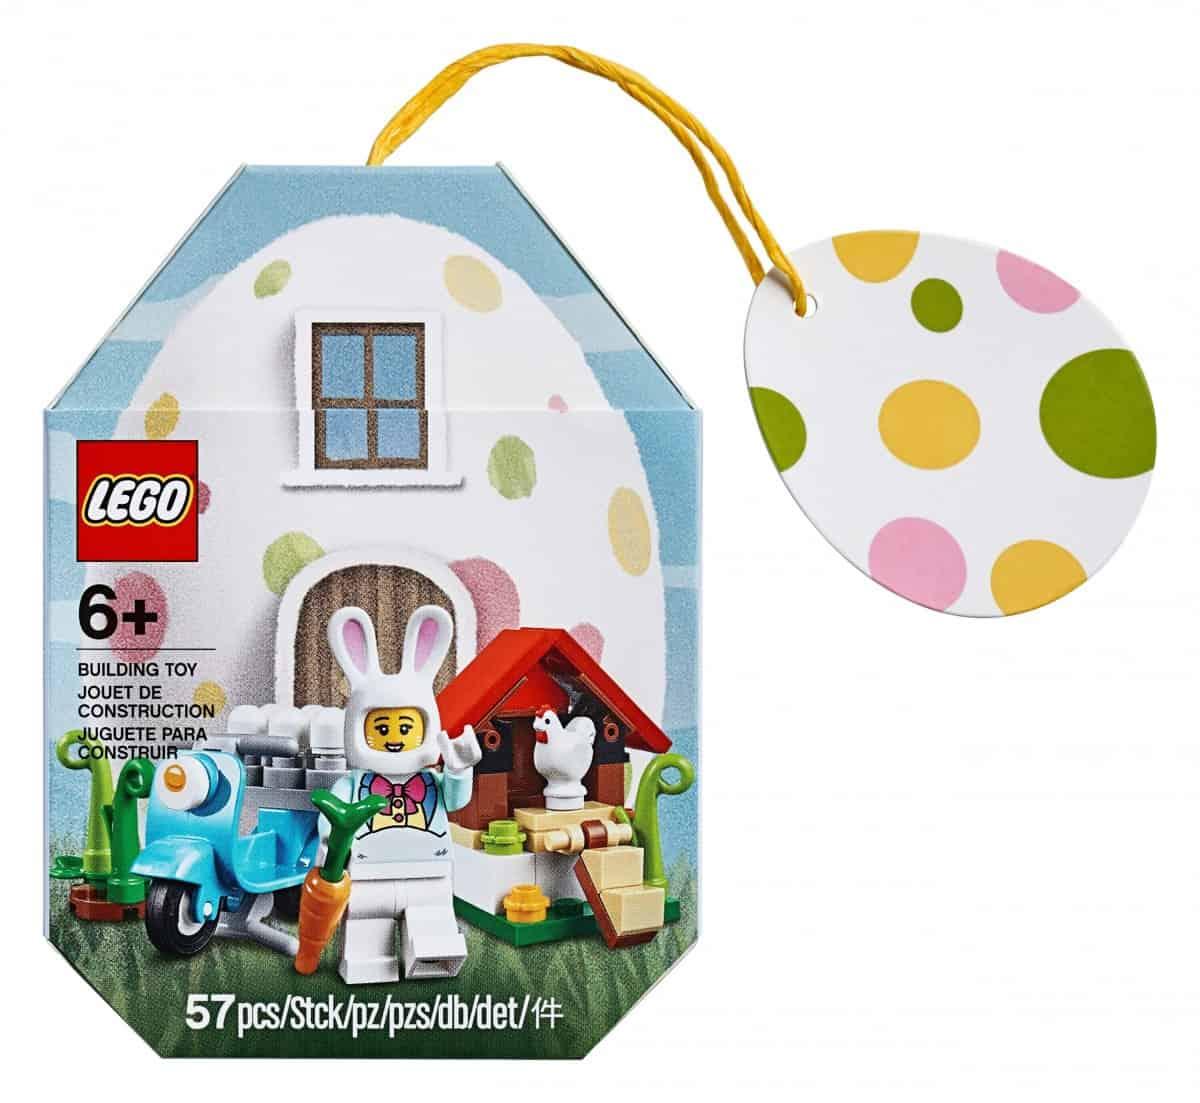 lego 853990 la maison du lapin de paques scaled